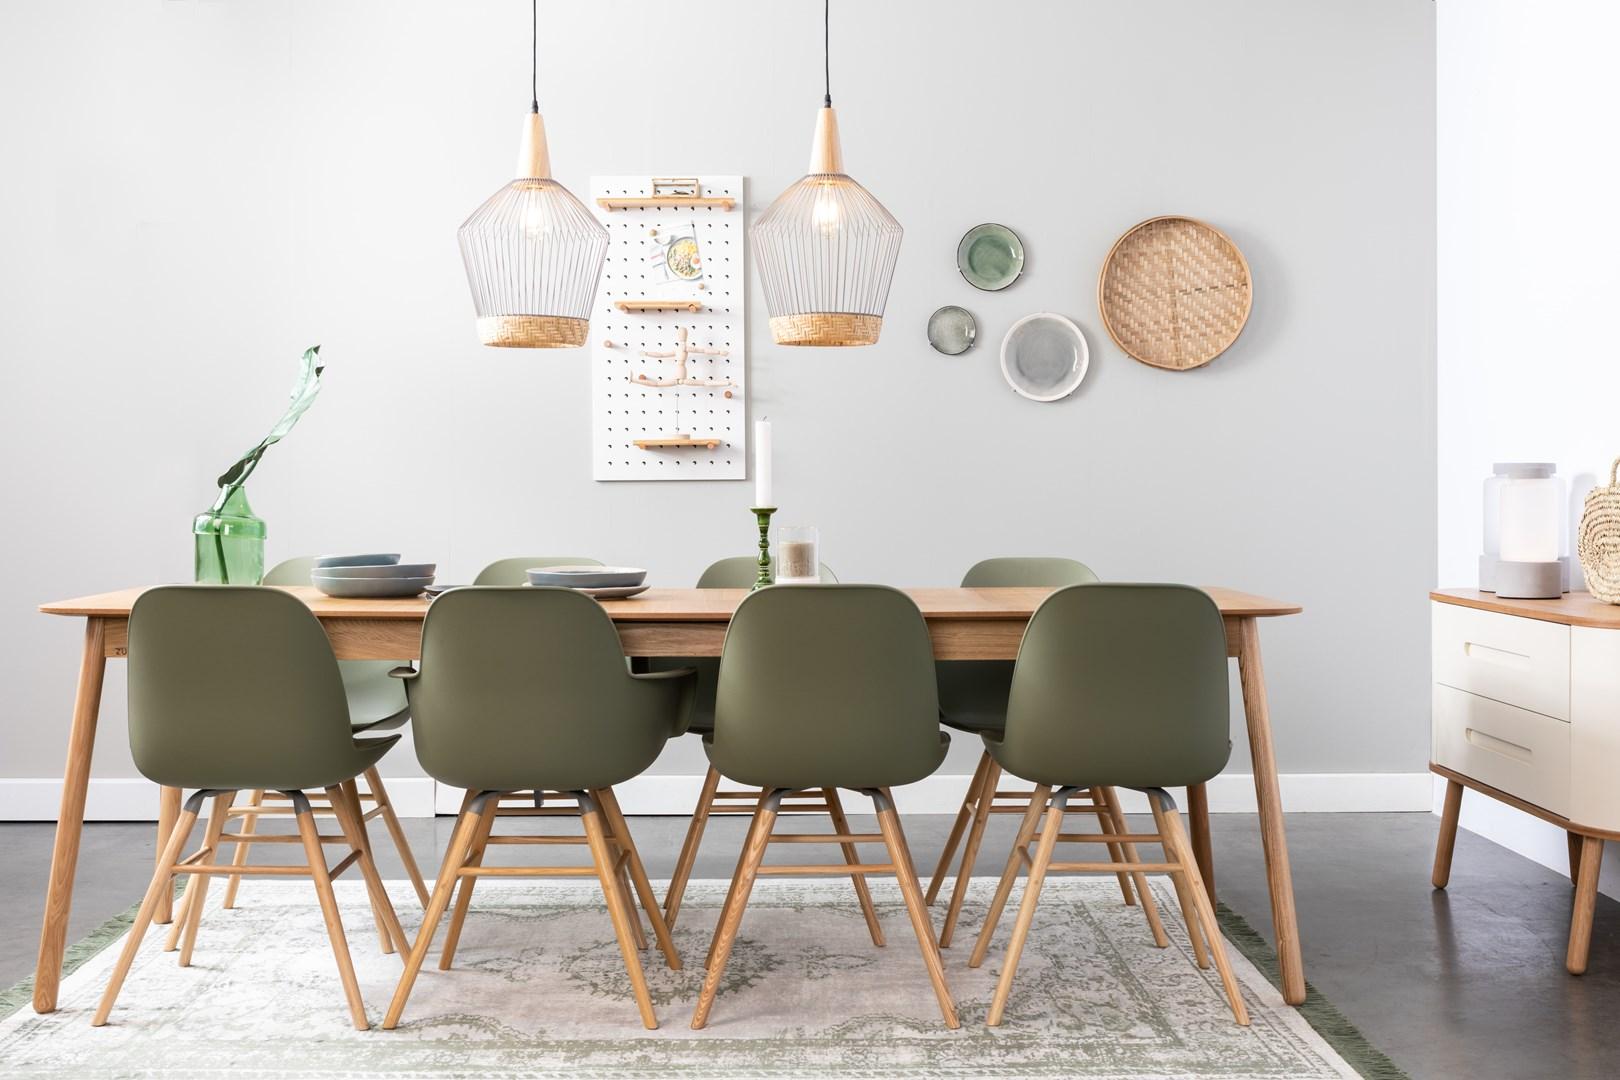 Deze Uitschuifbare Eettafel Maakt Plaats Voor 10 Personen